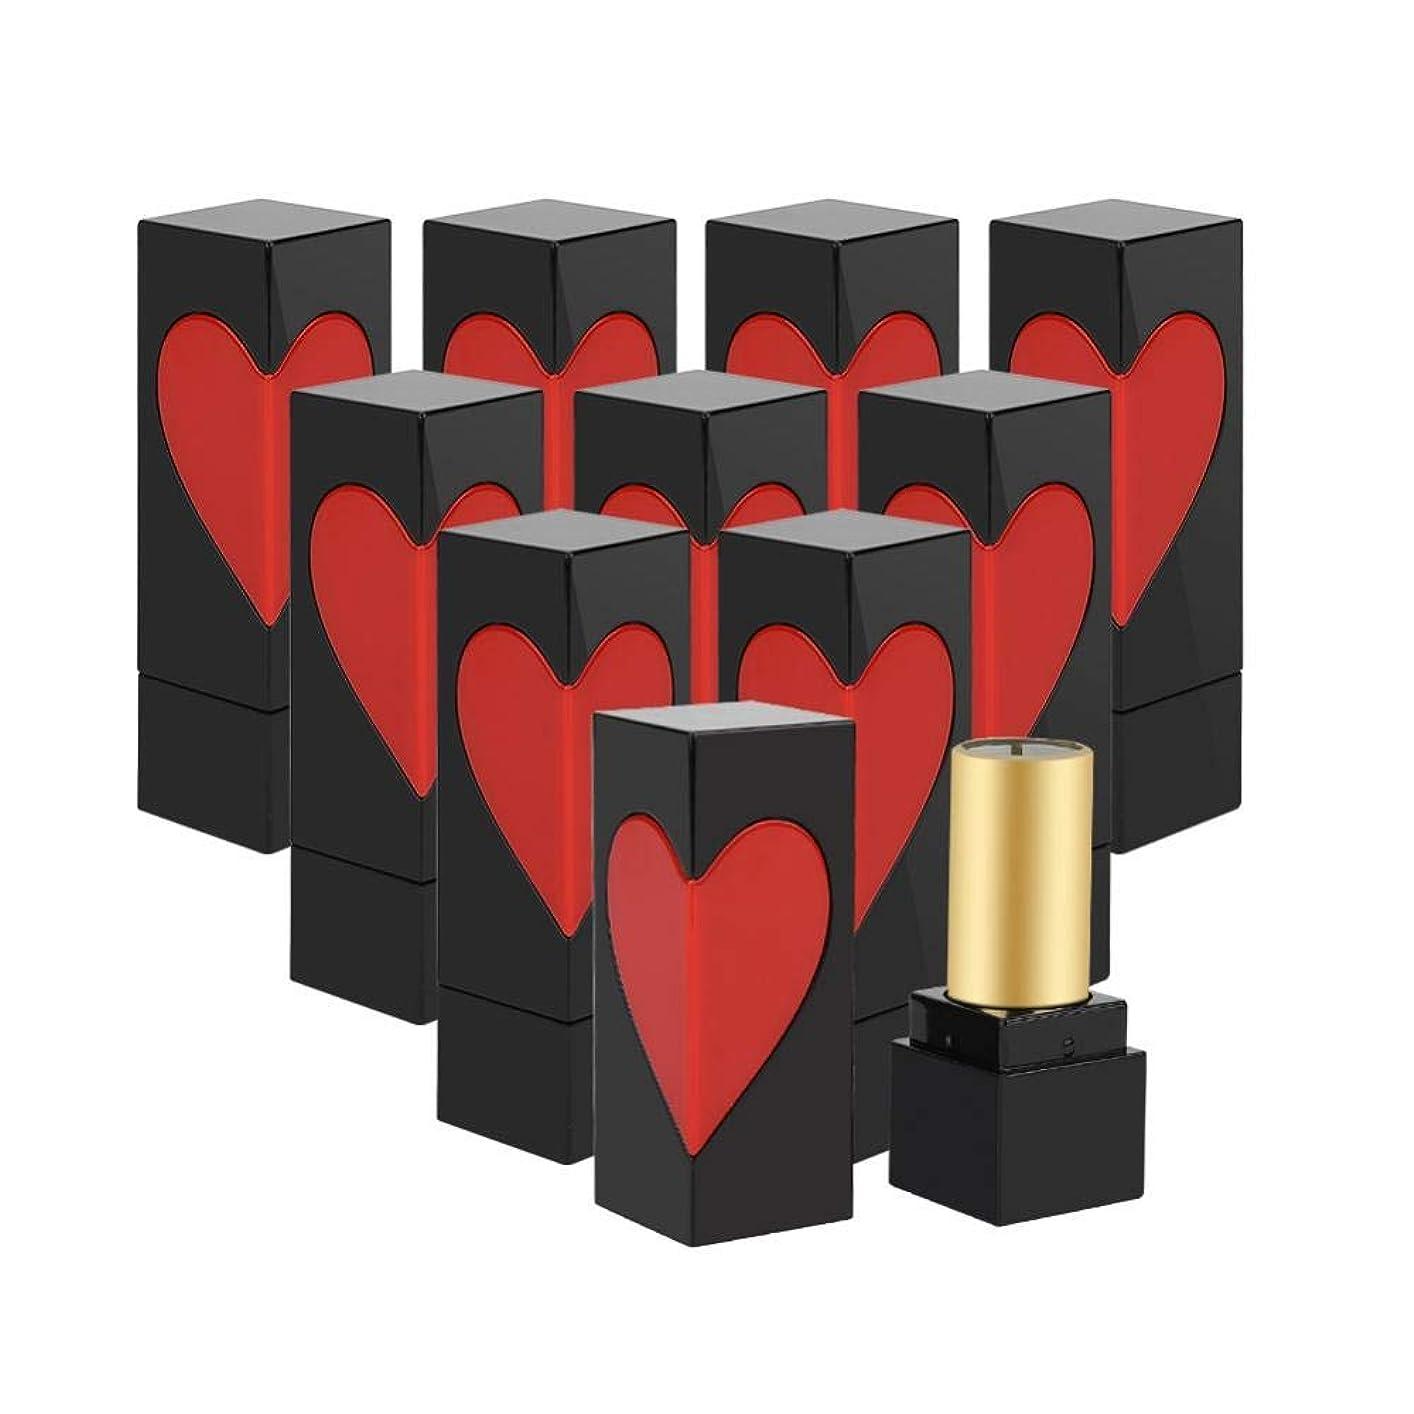 検索エンジン最適化横向き毒性空口紅チューブ、かわいい 手作りリップスティックコンテナ 美しい外観 プラスチック製 口紅チューブ用 DIY用 2スタイル選べる(10枚)